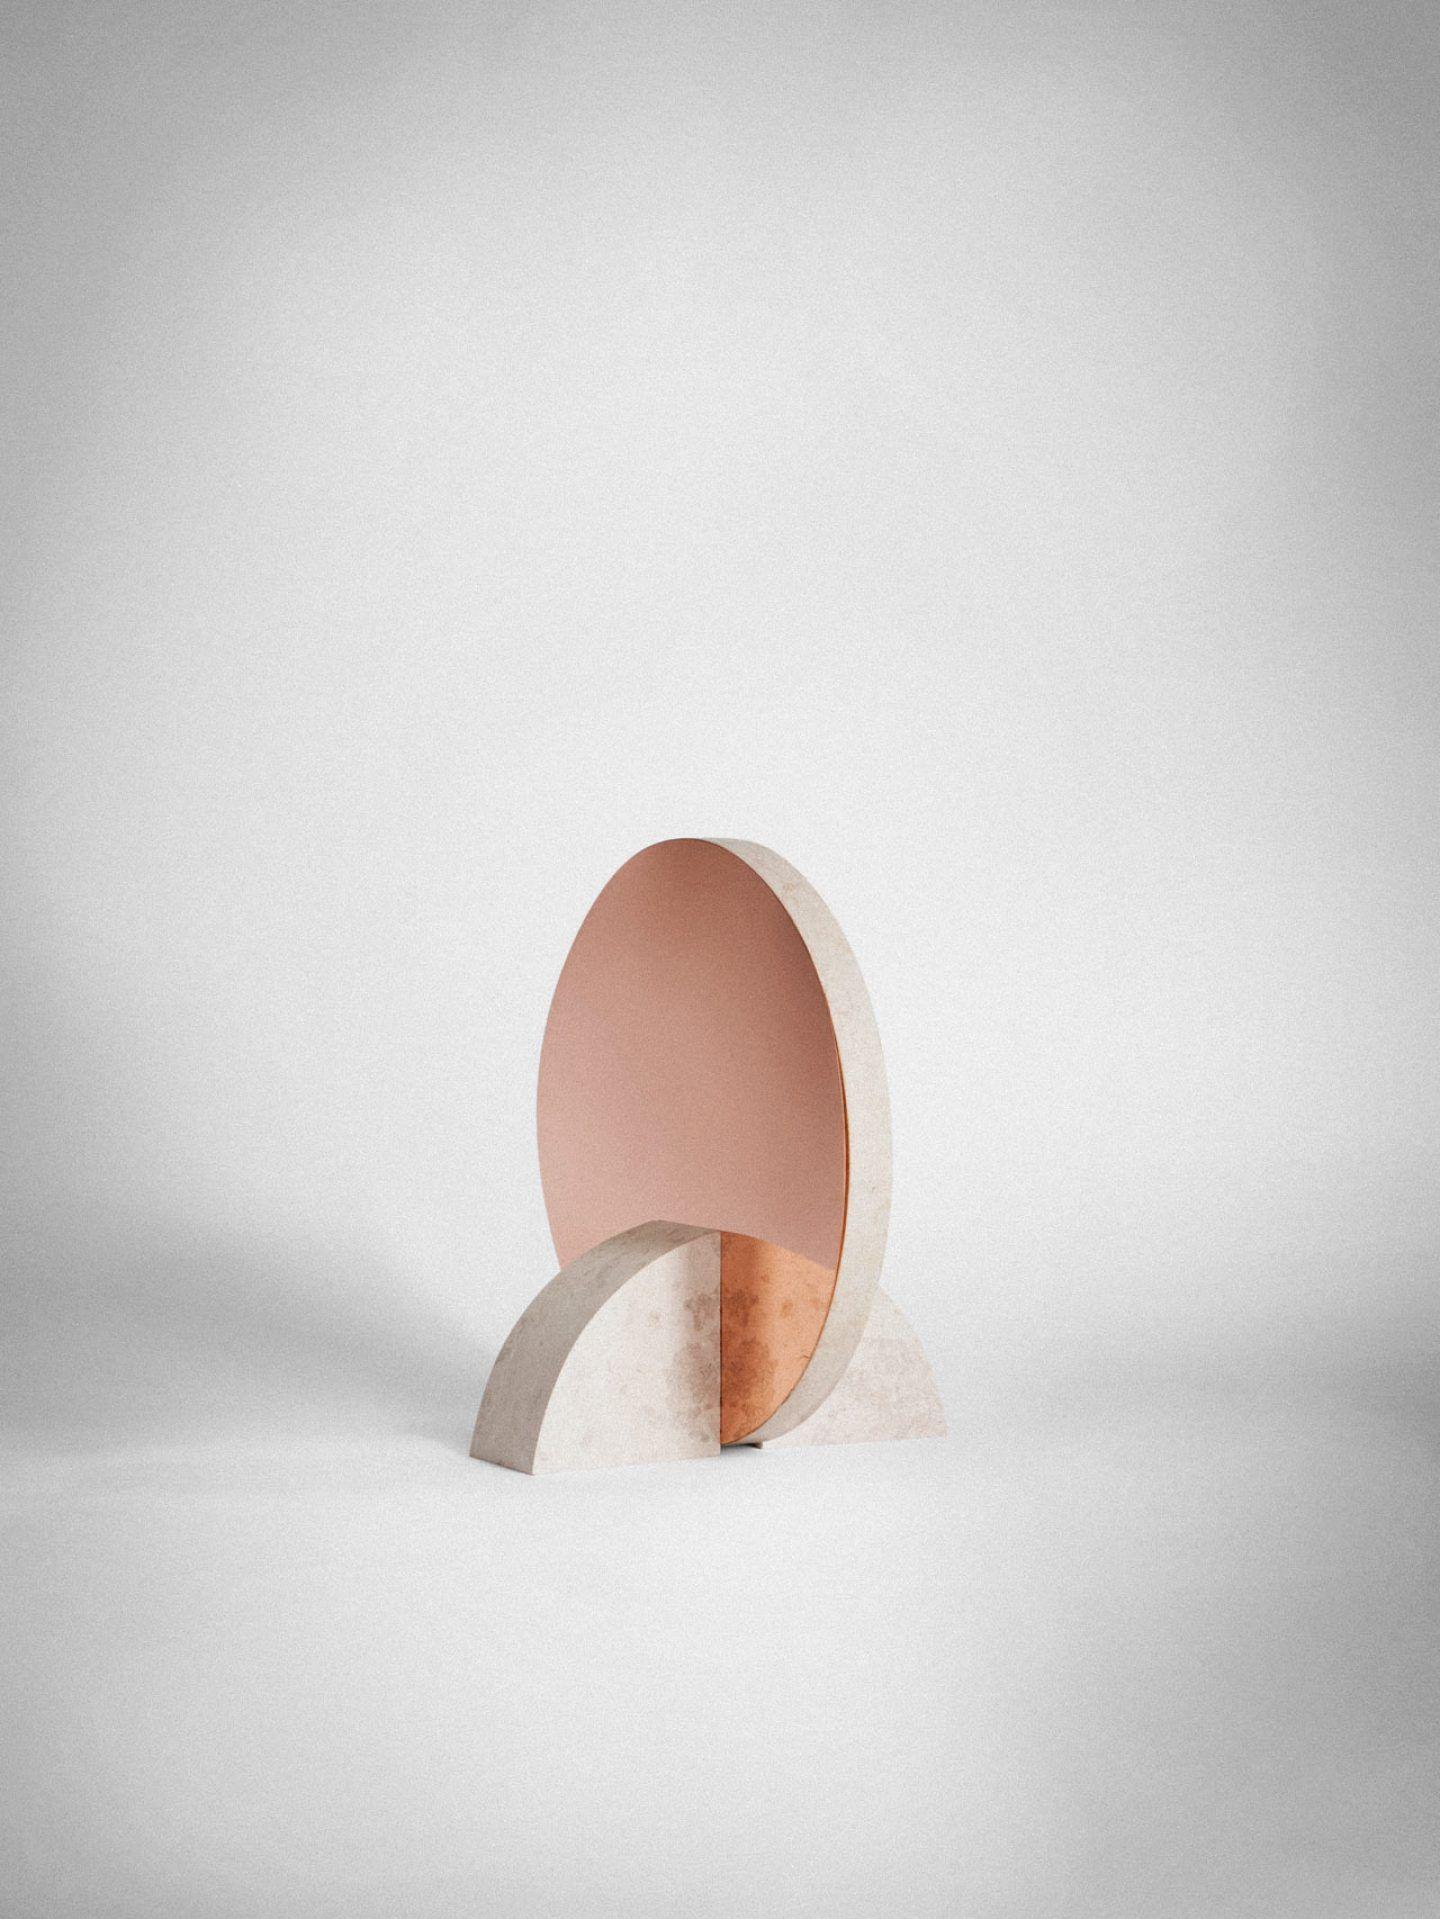 IGNANT-Design-Ossimorri-Studiopepe-2